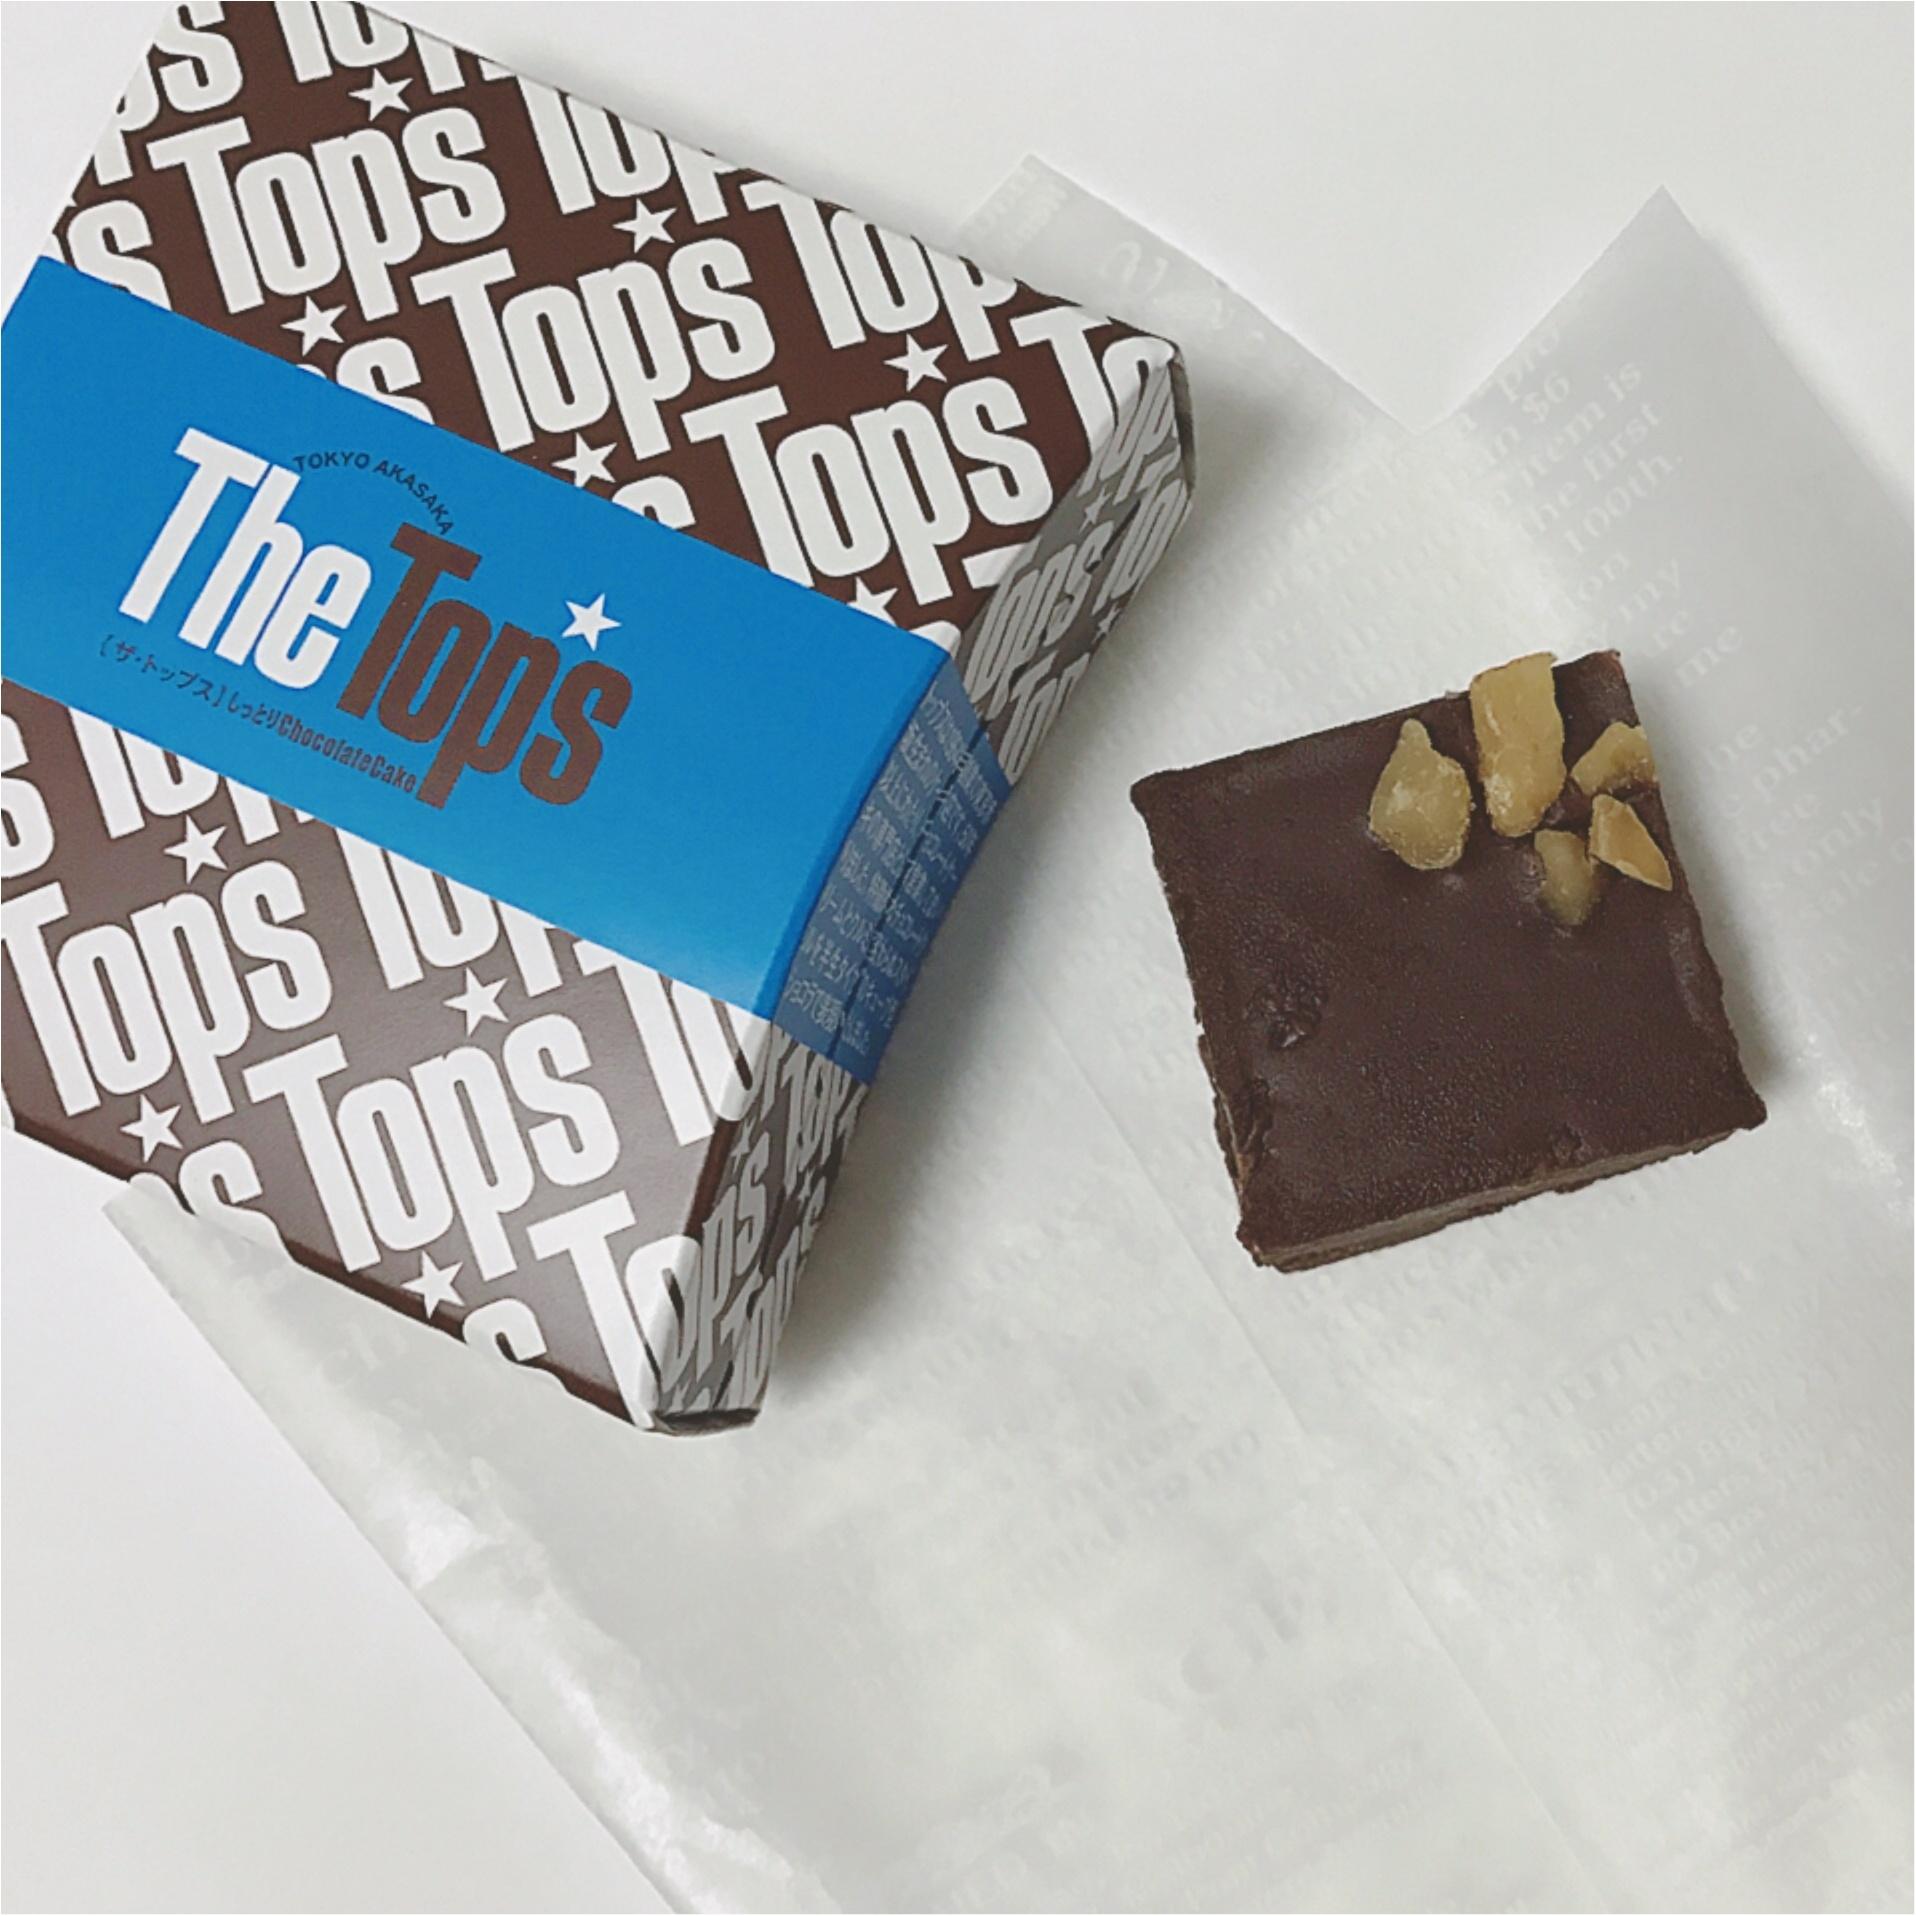 期間限定ショップへ急げ~!Top'sの大人気チョコレートケーキが焼き菓子になって登場!_2